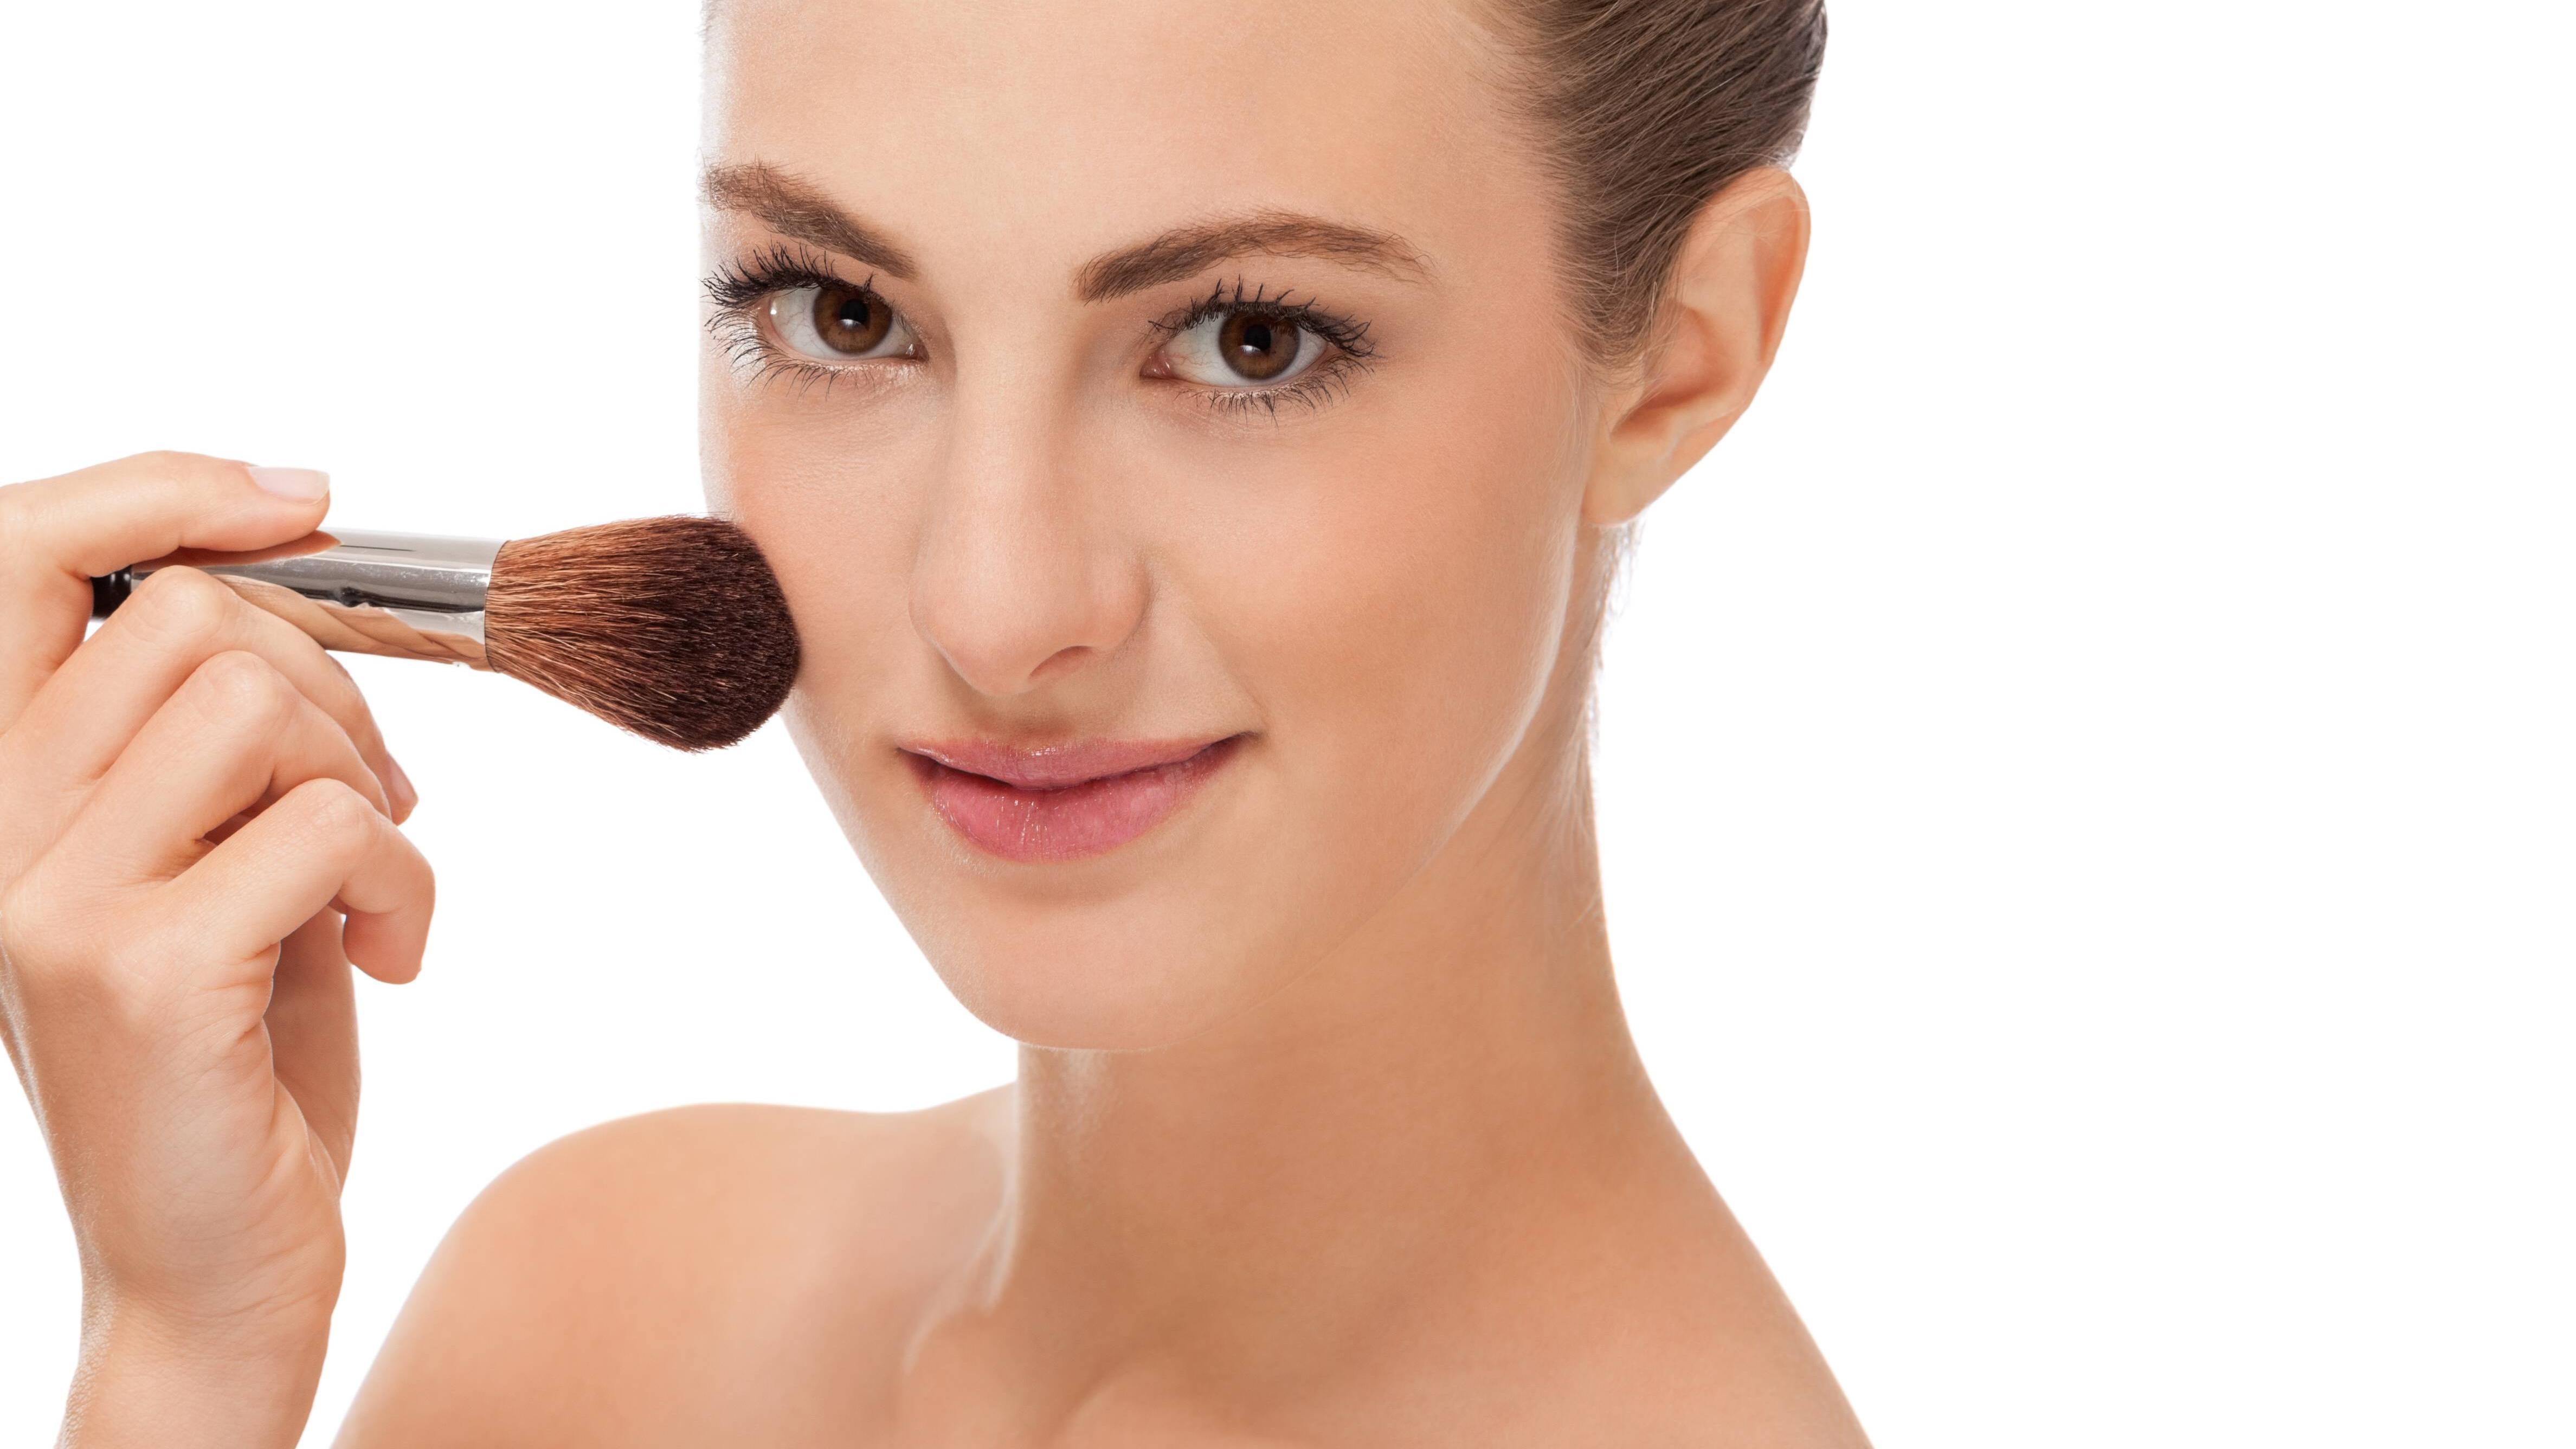 Puder selber machen - so gelingt natürliches Make Up - Puder